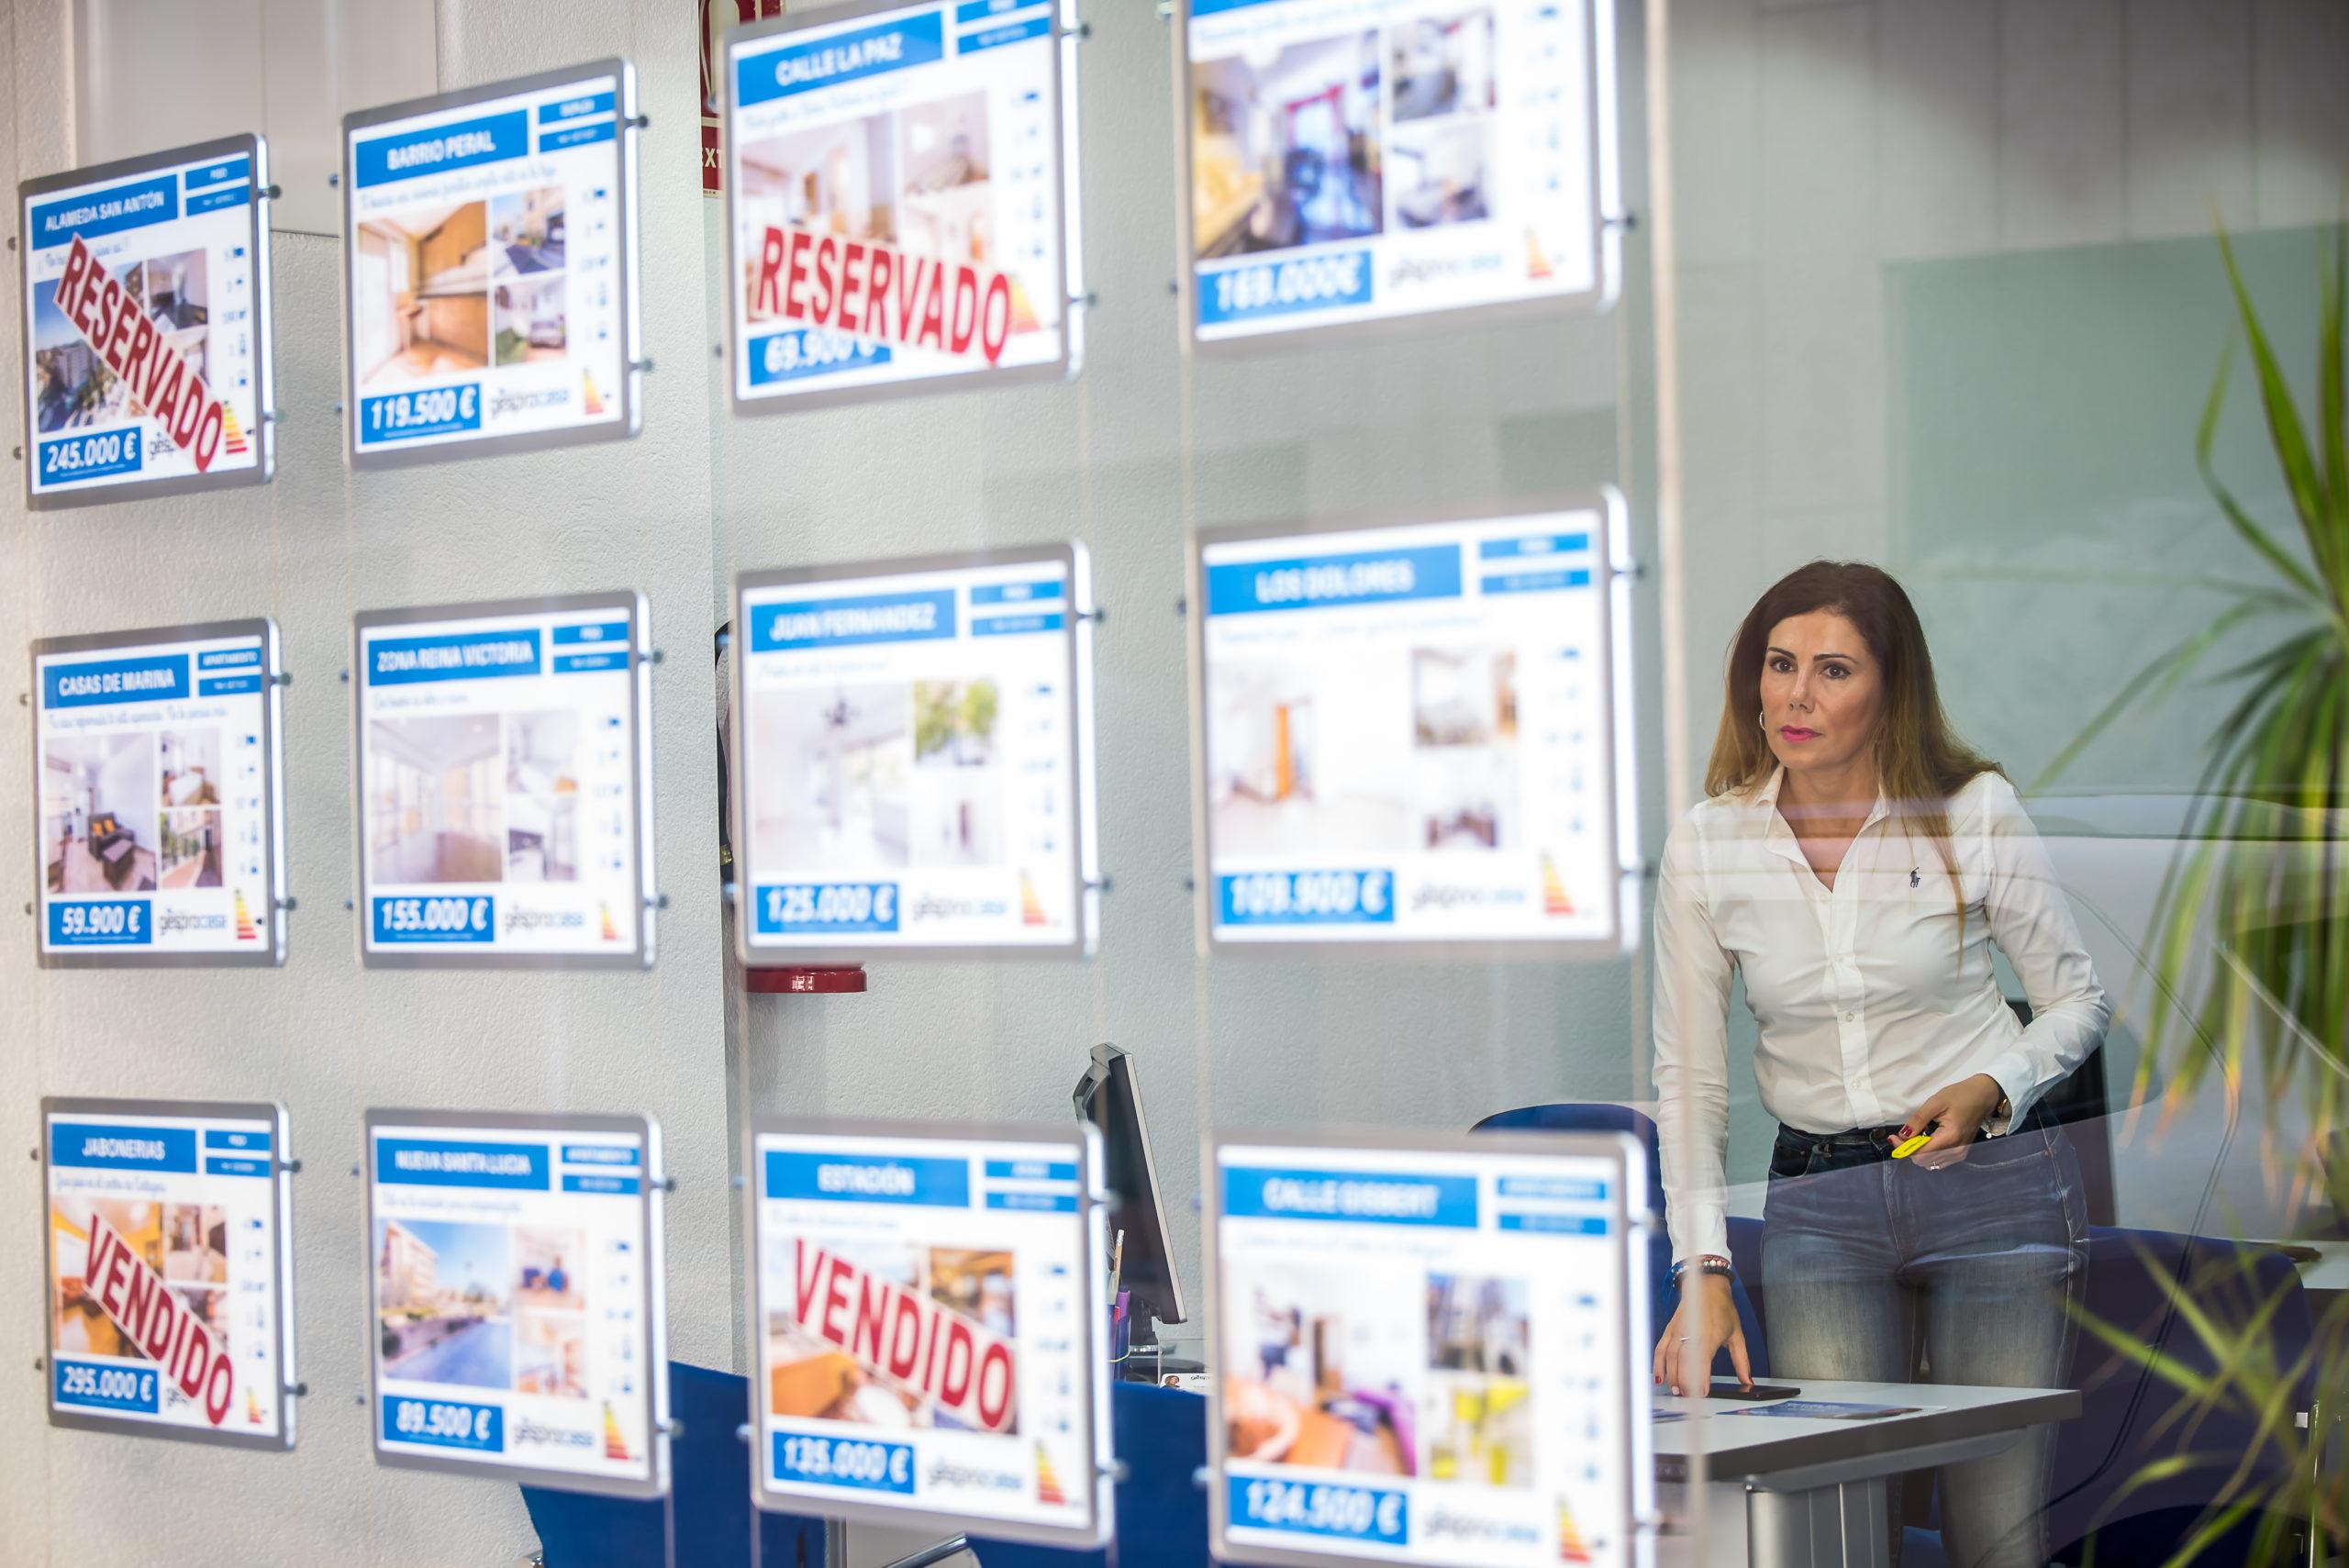 Vender tu casa en Cartagena